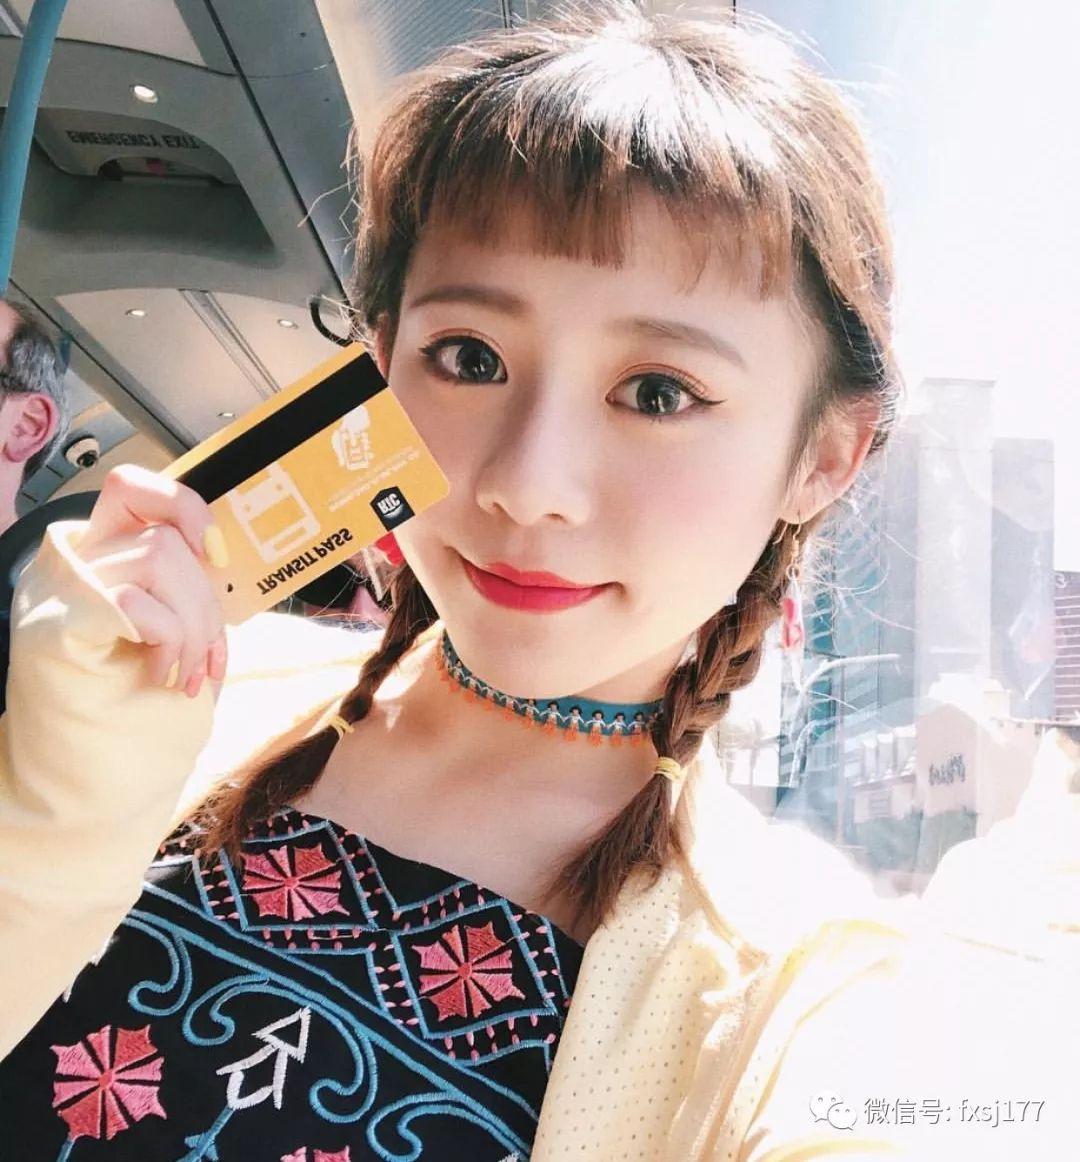 二次元少女刘海发型